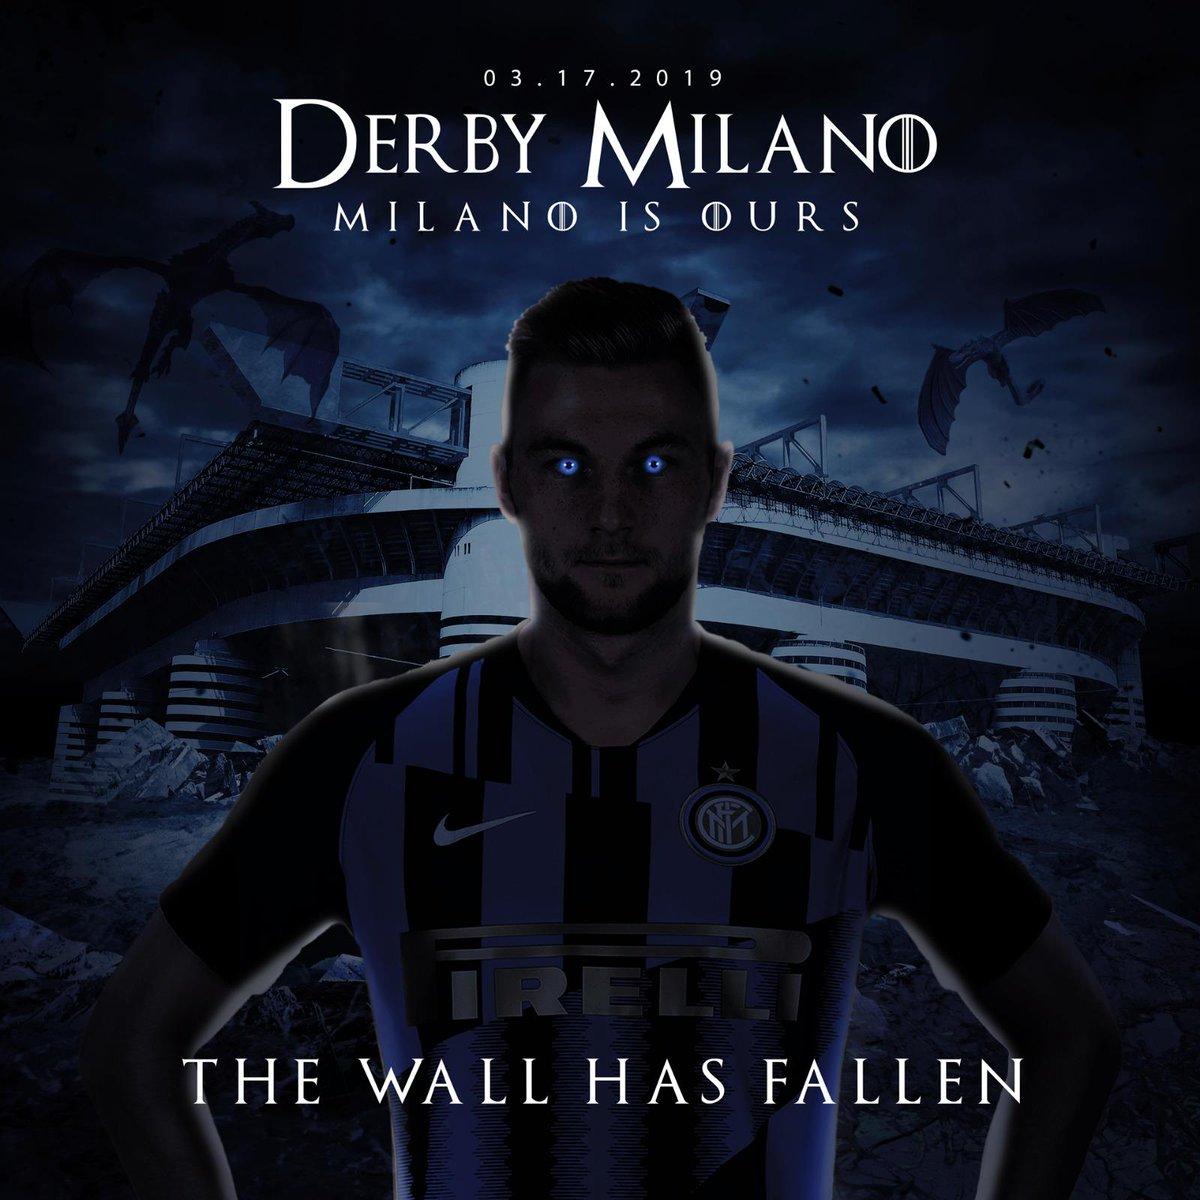 90' + 7' FINITAAAAAAAAAA  L'INTER VINCE IL DERBY  2-3!  THE WALL HAS FALLEN!  🖤💙 MILANO SIAMO NOI  #GOT